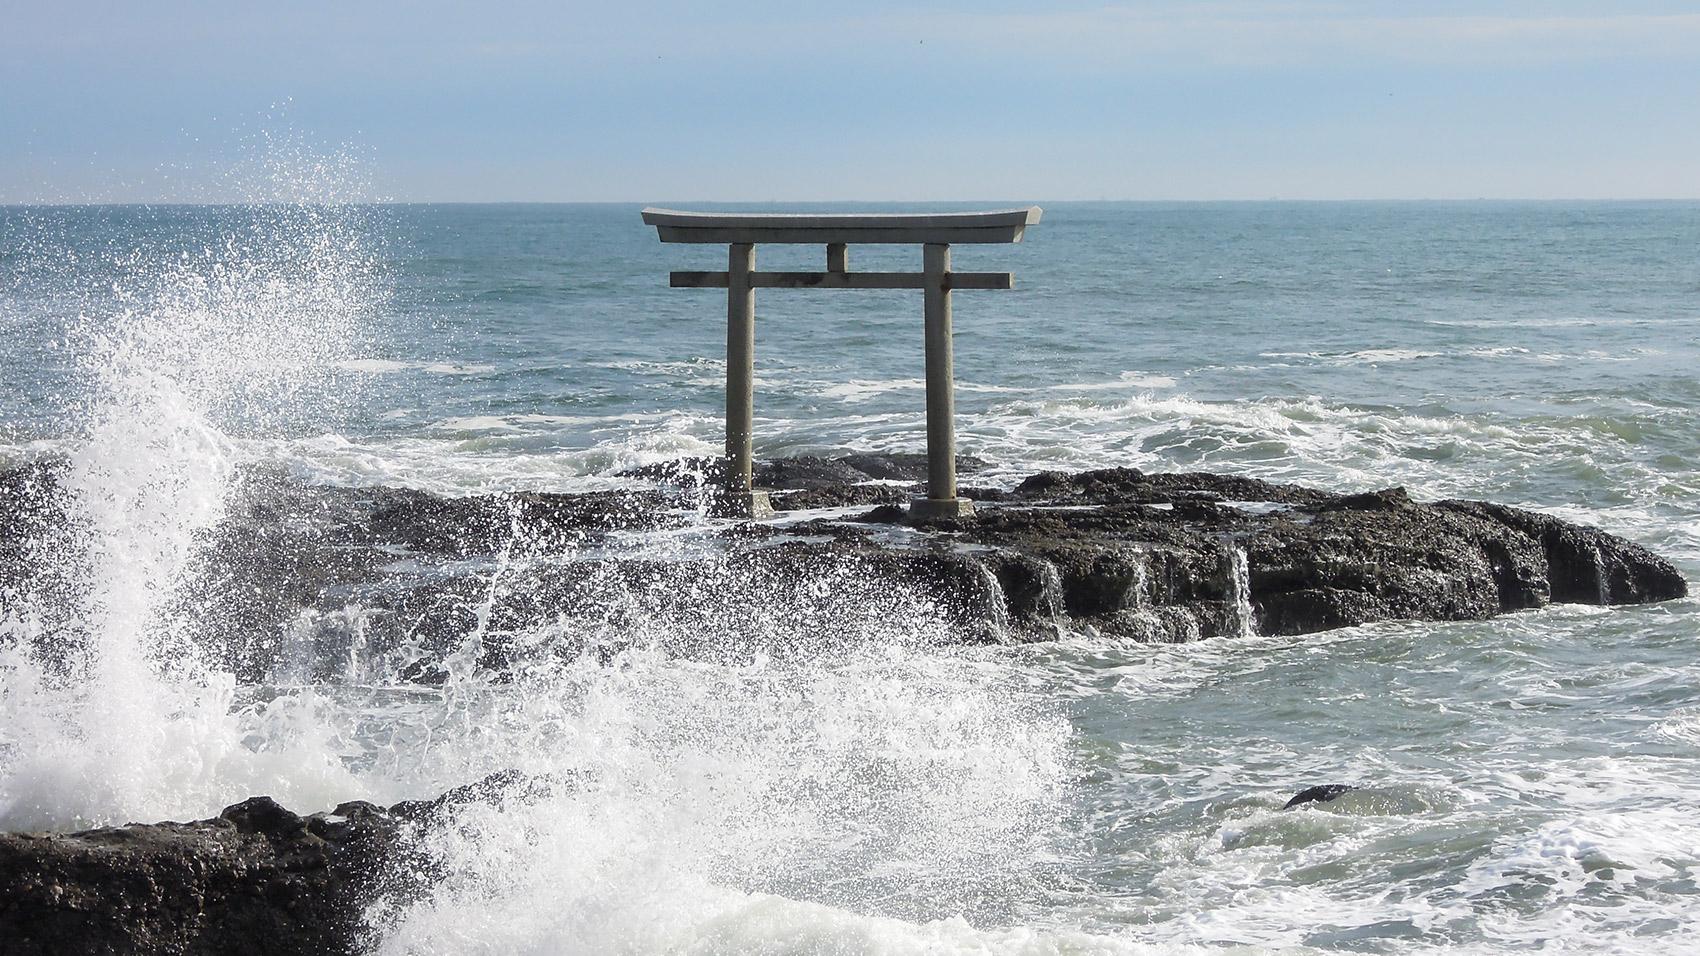 「祭神降臨の地」と伝わる大洗の岩礁。その上に立つ「神磯の鳥居」。